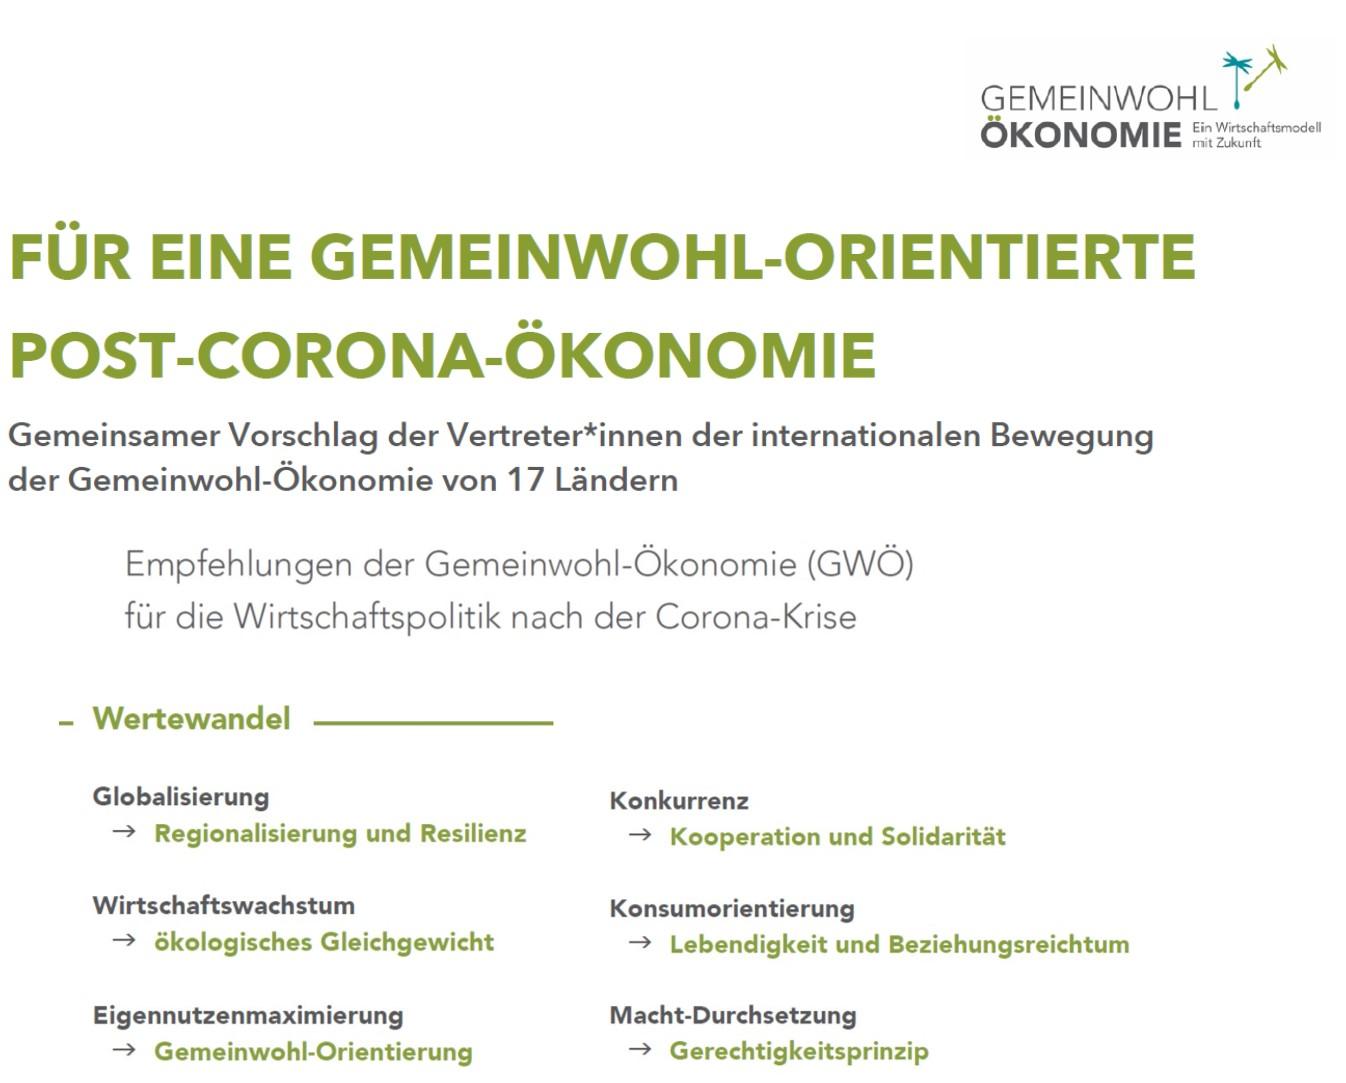 Für eine Gemeinwohl-orientierte Post-Corona-Ökonomie